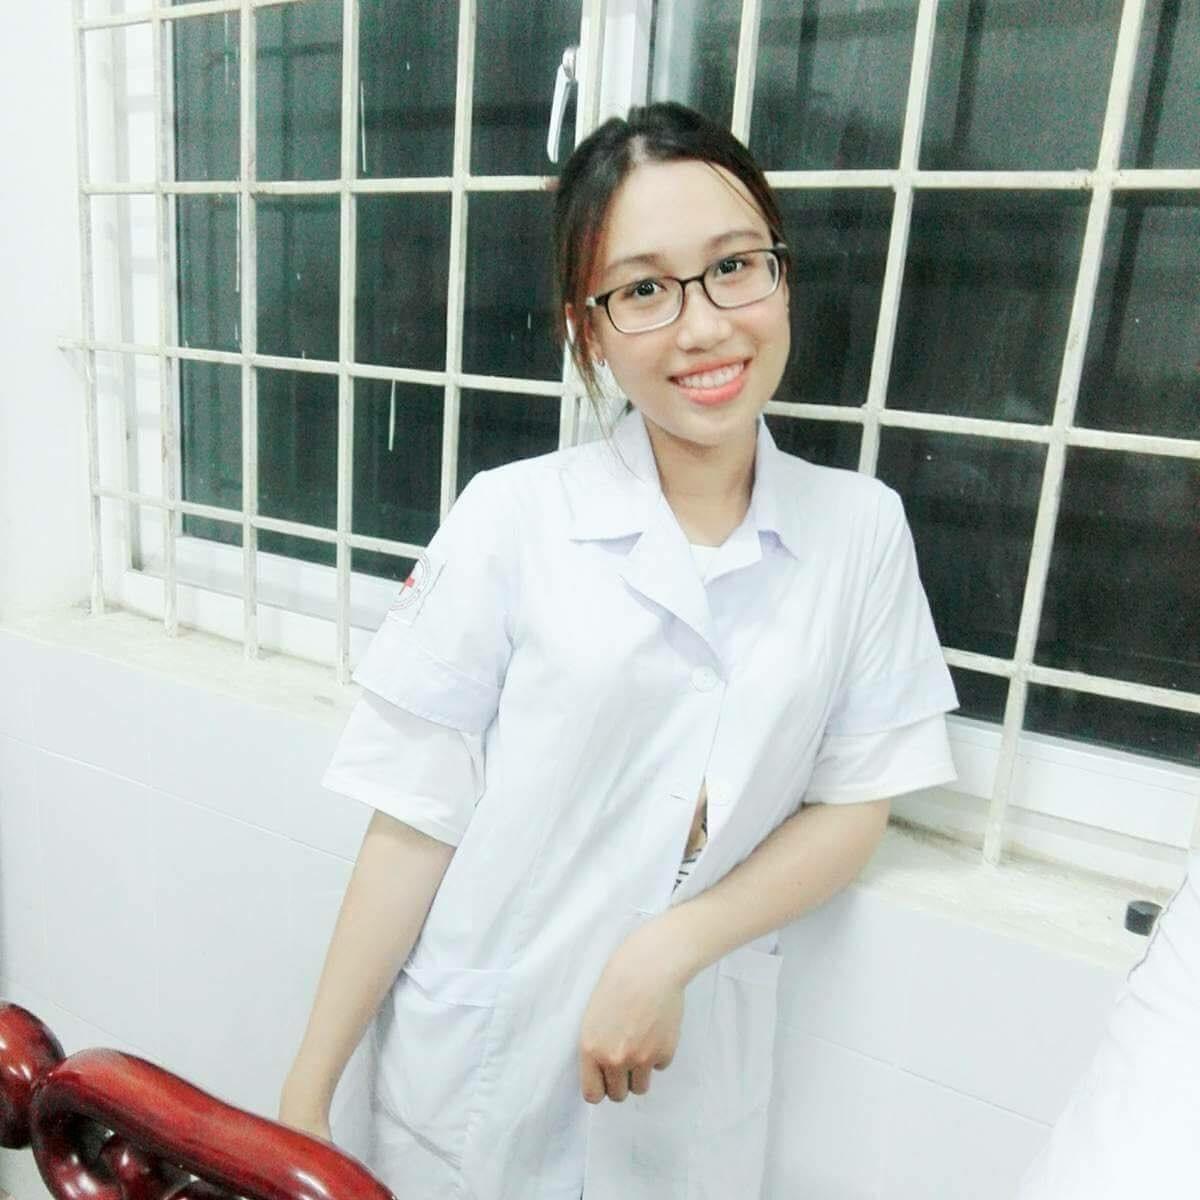 Nữ sinh Hà Tĩnh viết đơn tình nguyện tham gia chống dịch Covid-19-5